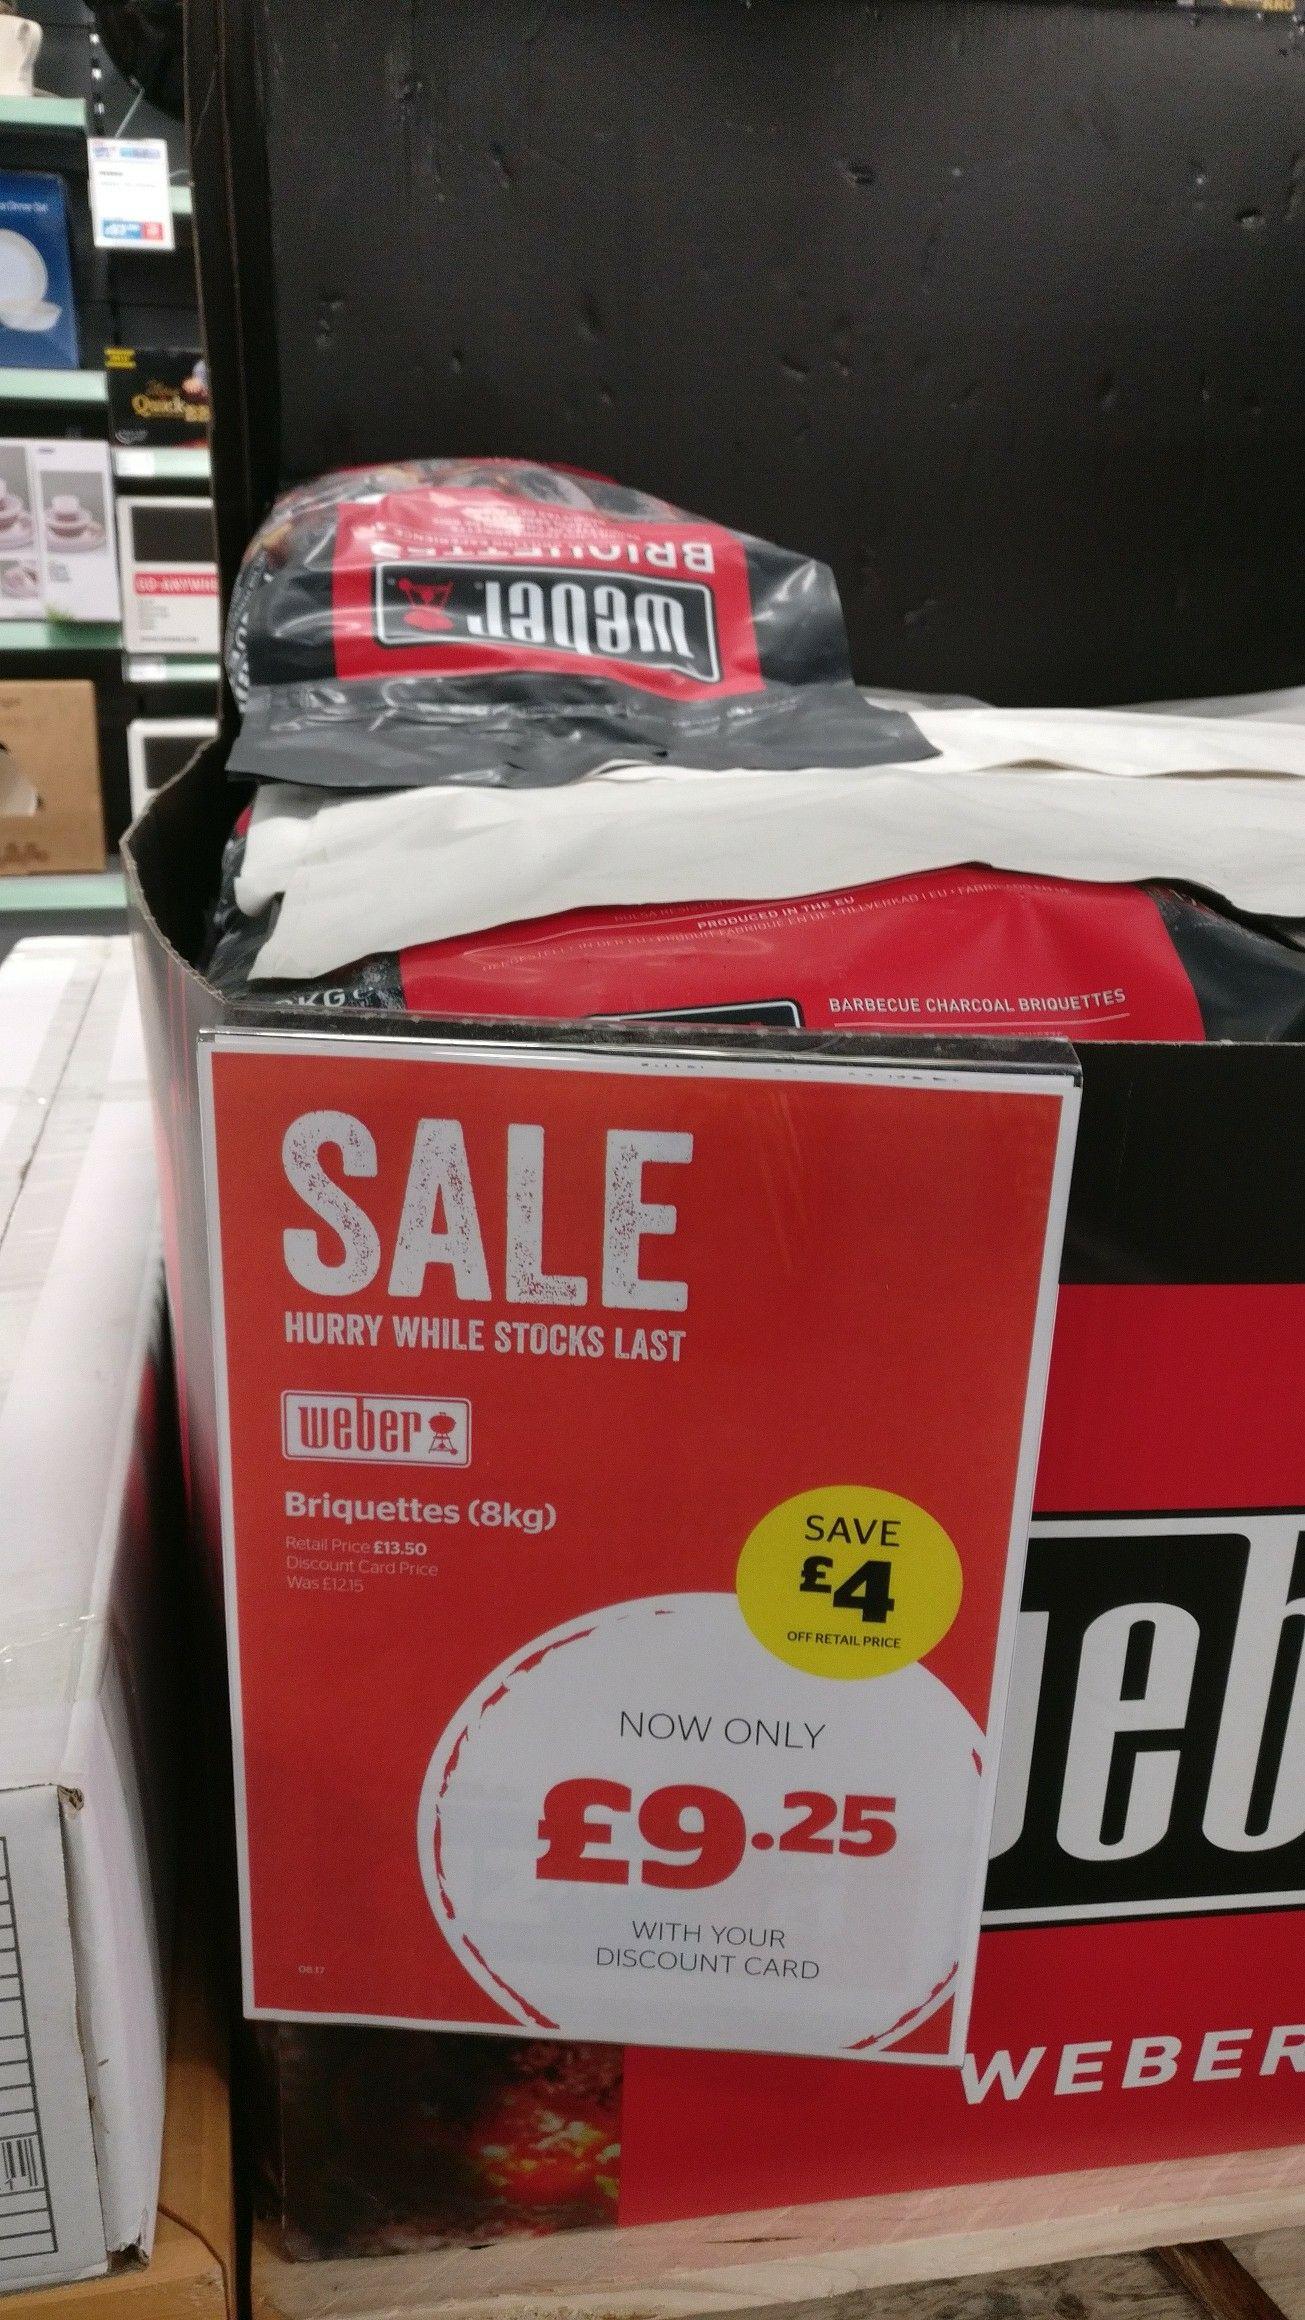 Weber charcoal briquettes 8kg - £9.25 @ Go Outdoors Ipswich.